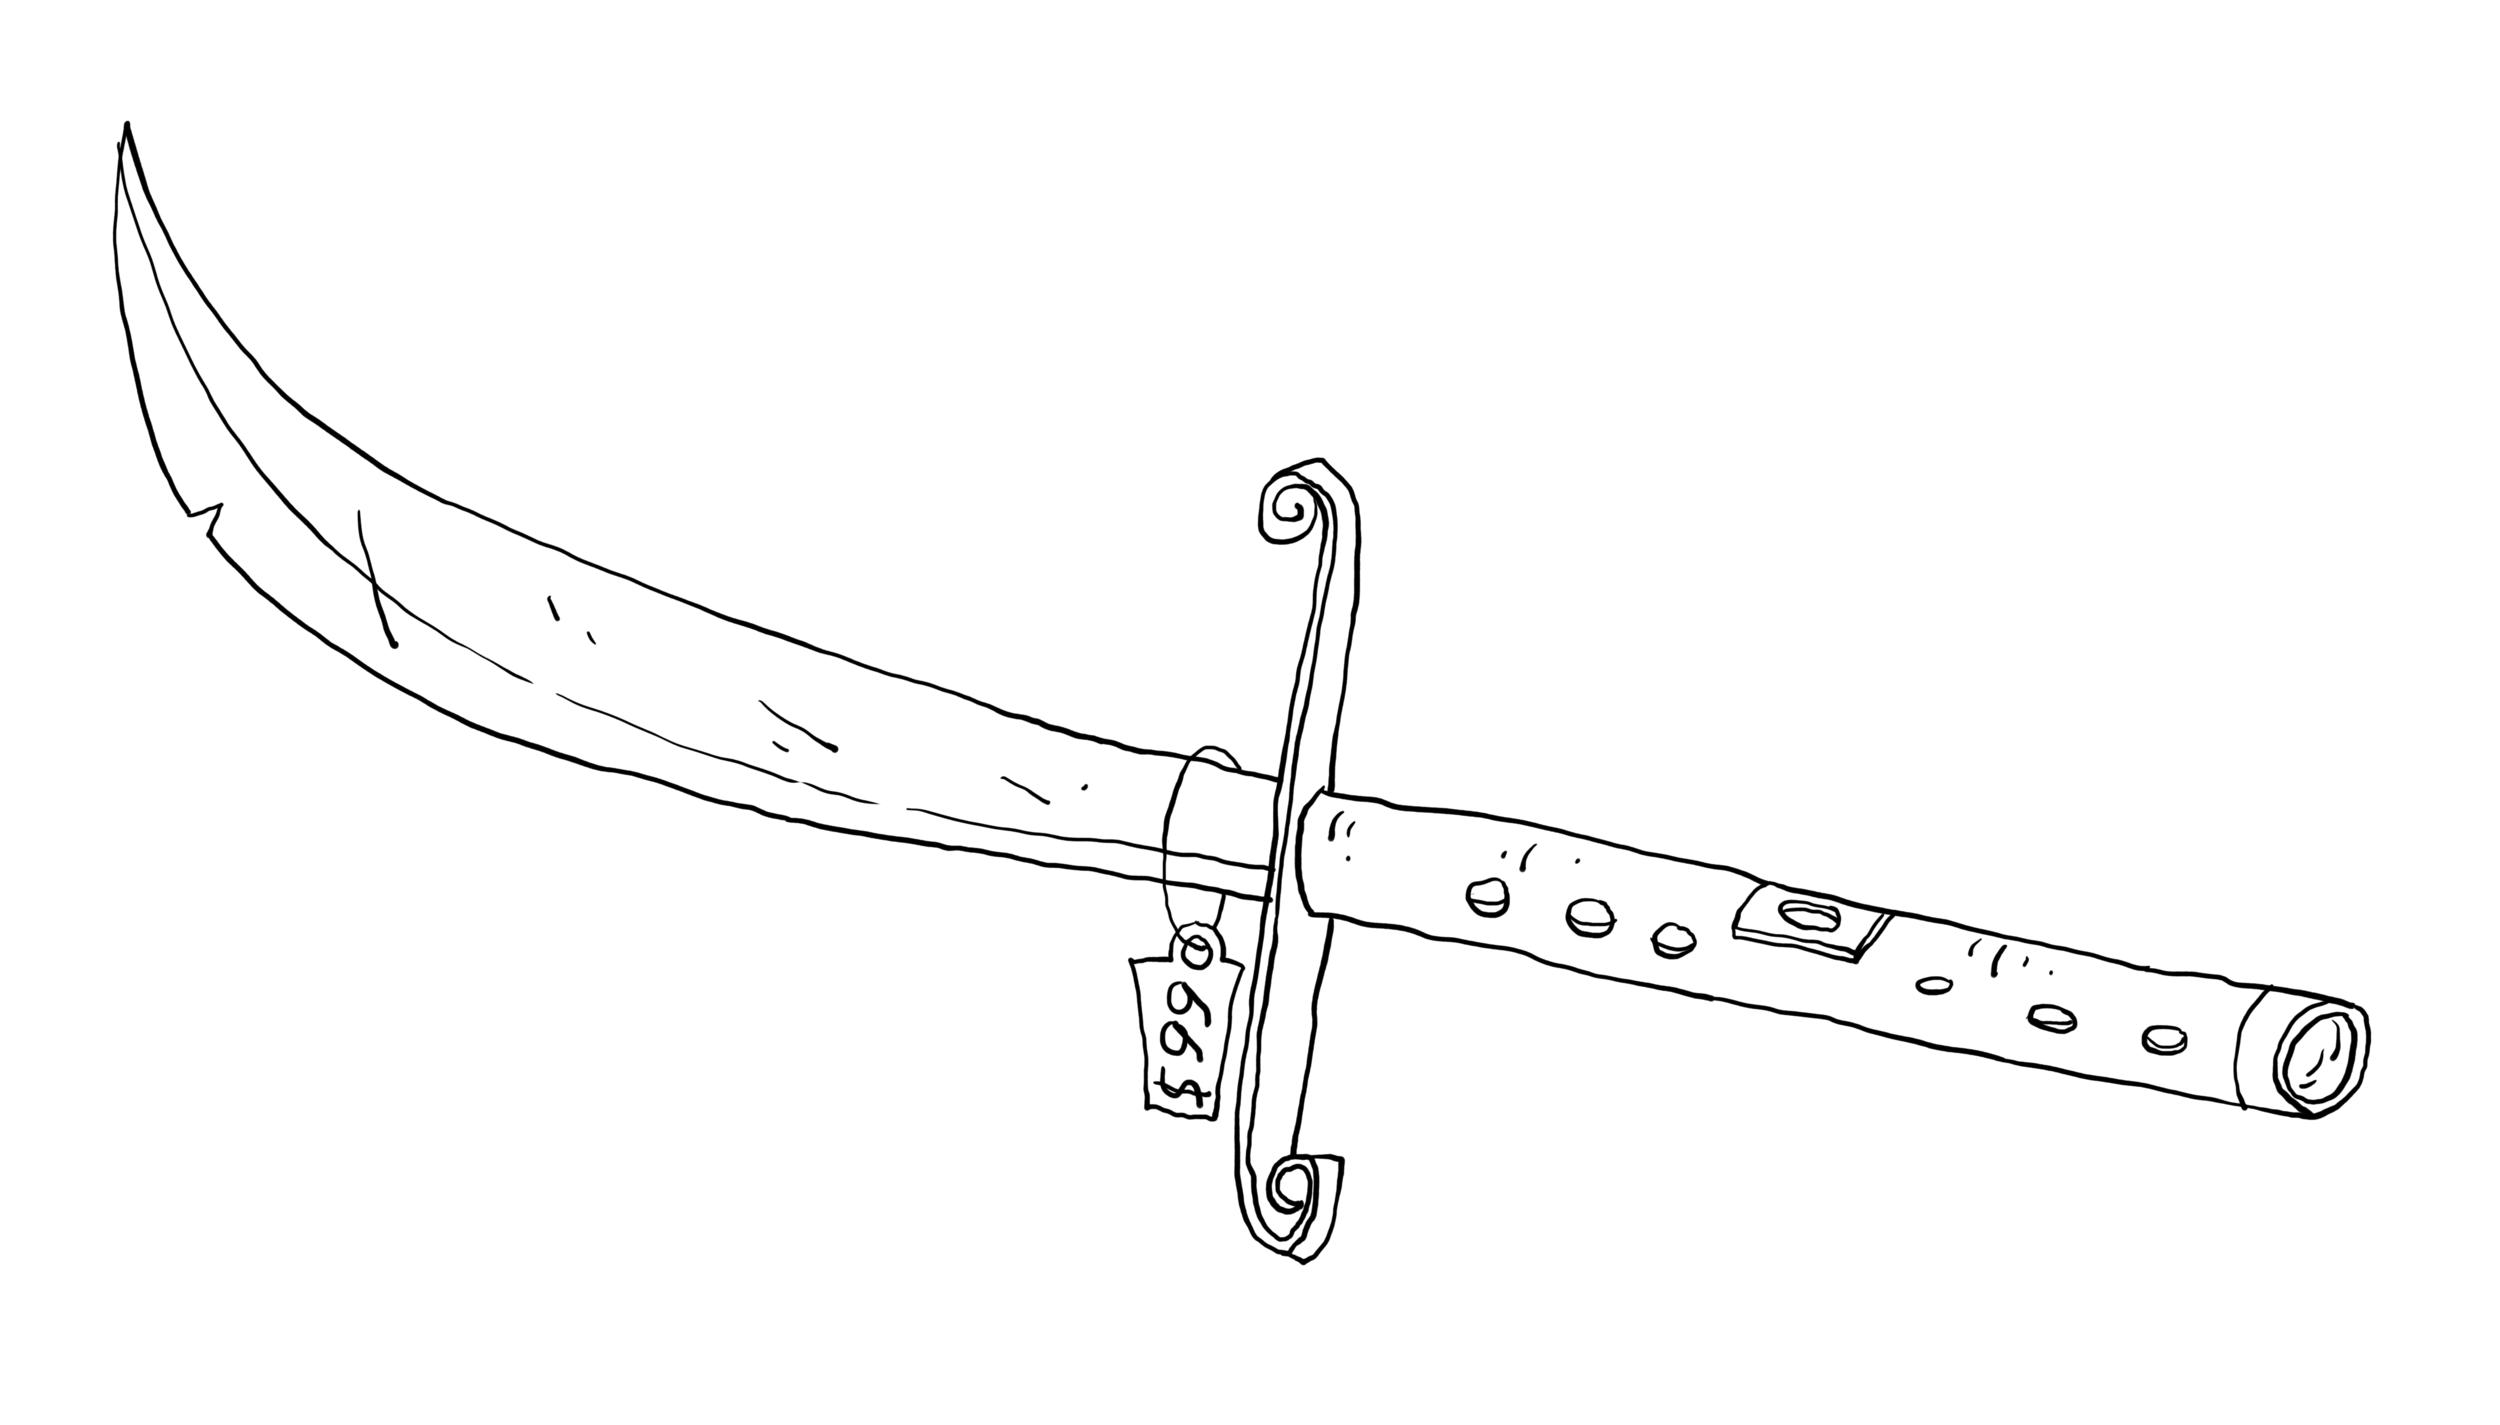 137_20_blade of songs sword.png